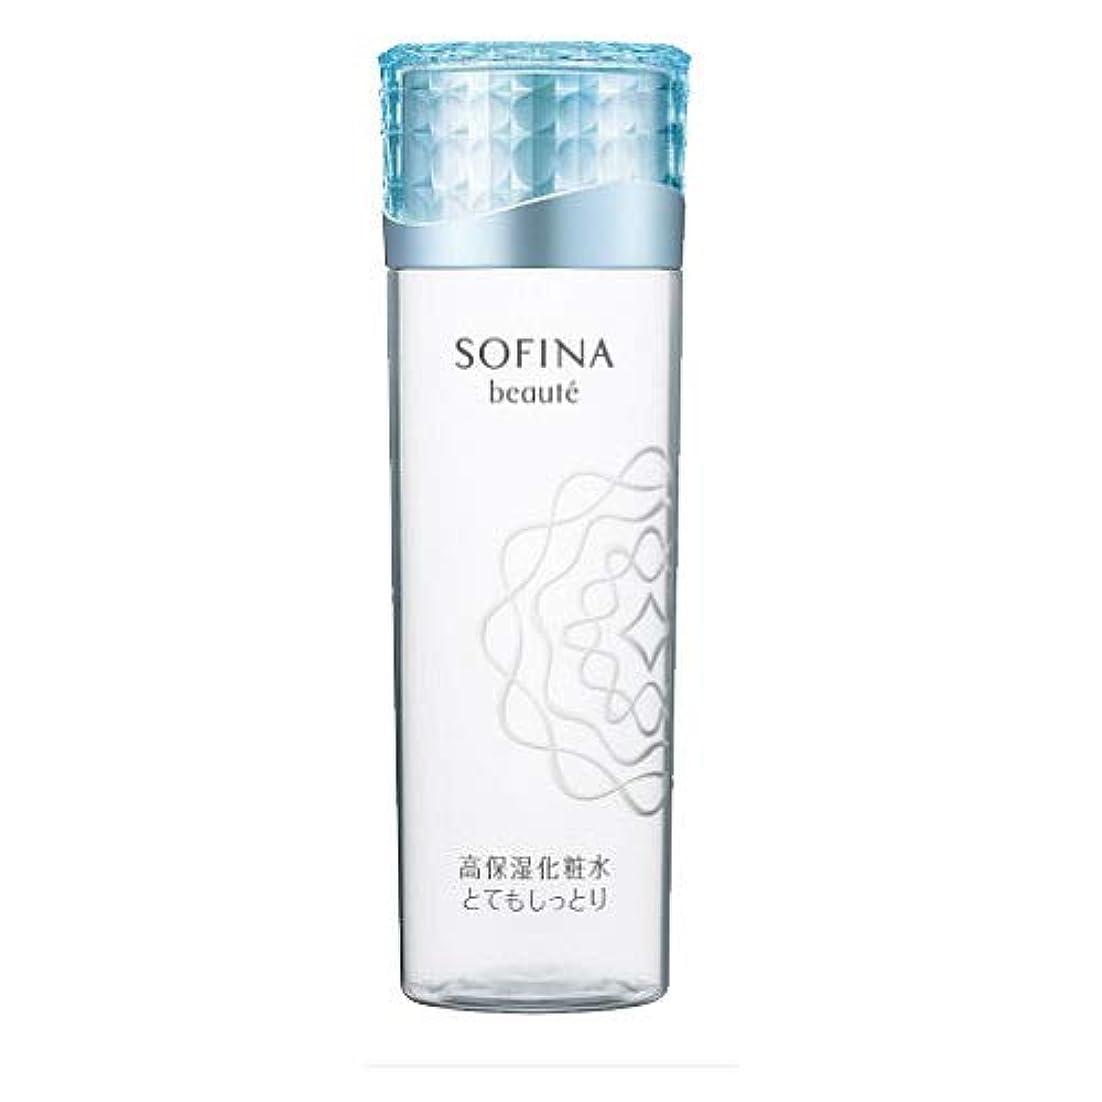 大量冷凍庫セラフ花王 ソフィーナ ボーテ 高保湿化粧水 とてもしっとり 140ml [並行輸入品]